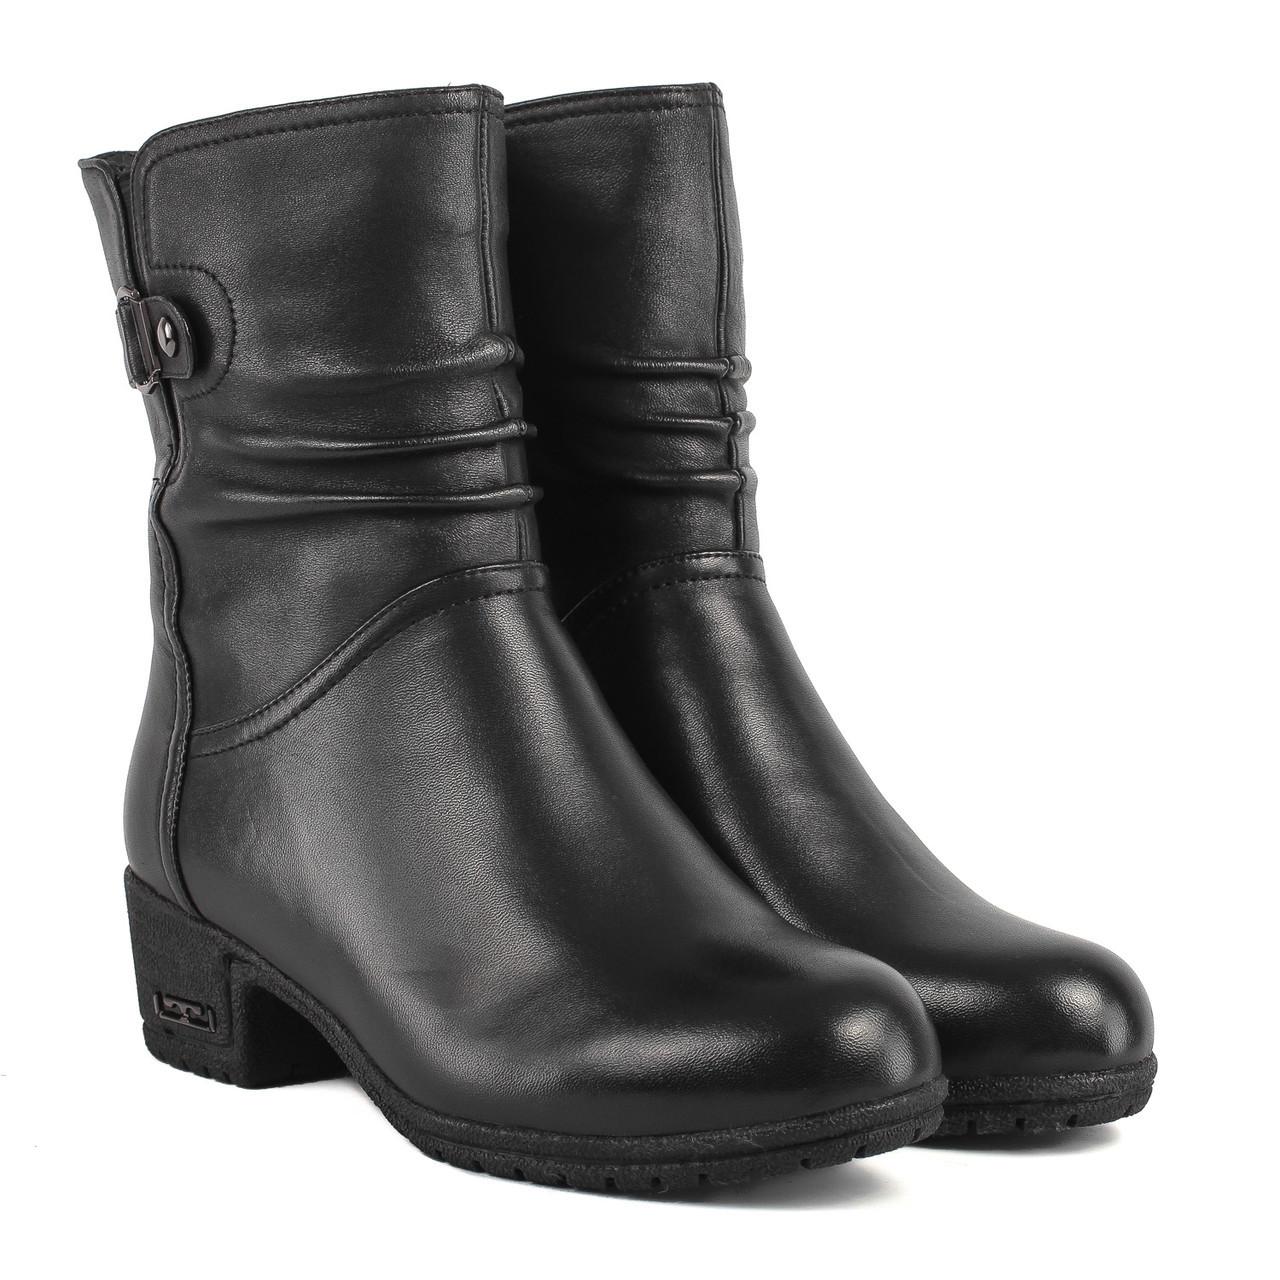 Ботильоны женские My Classic (кожаные, на удобном каблуке, качественные)